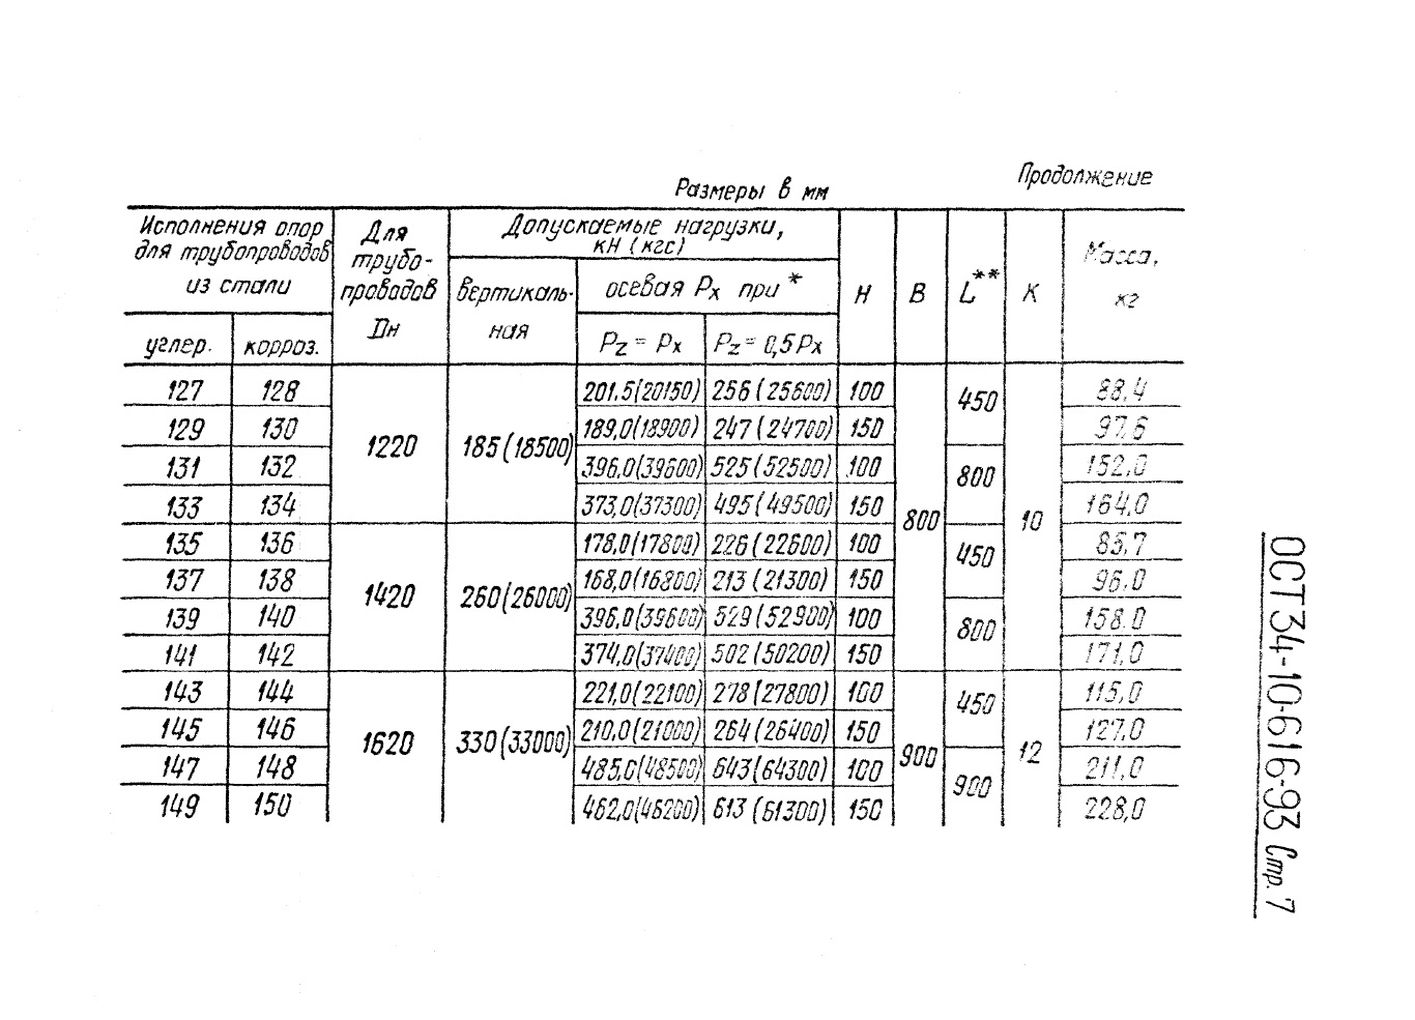 Опоры приварные скользящие и неподвижные ОСТ 34-10-616-93 стр.7